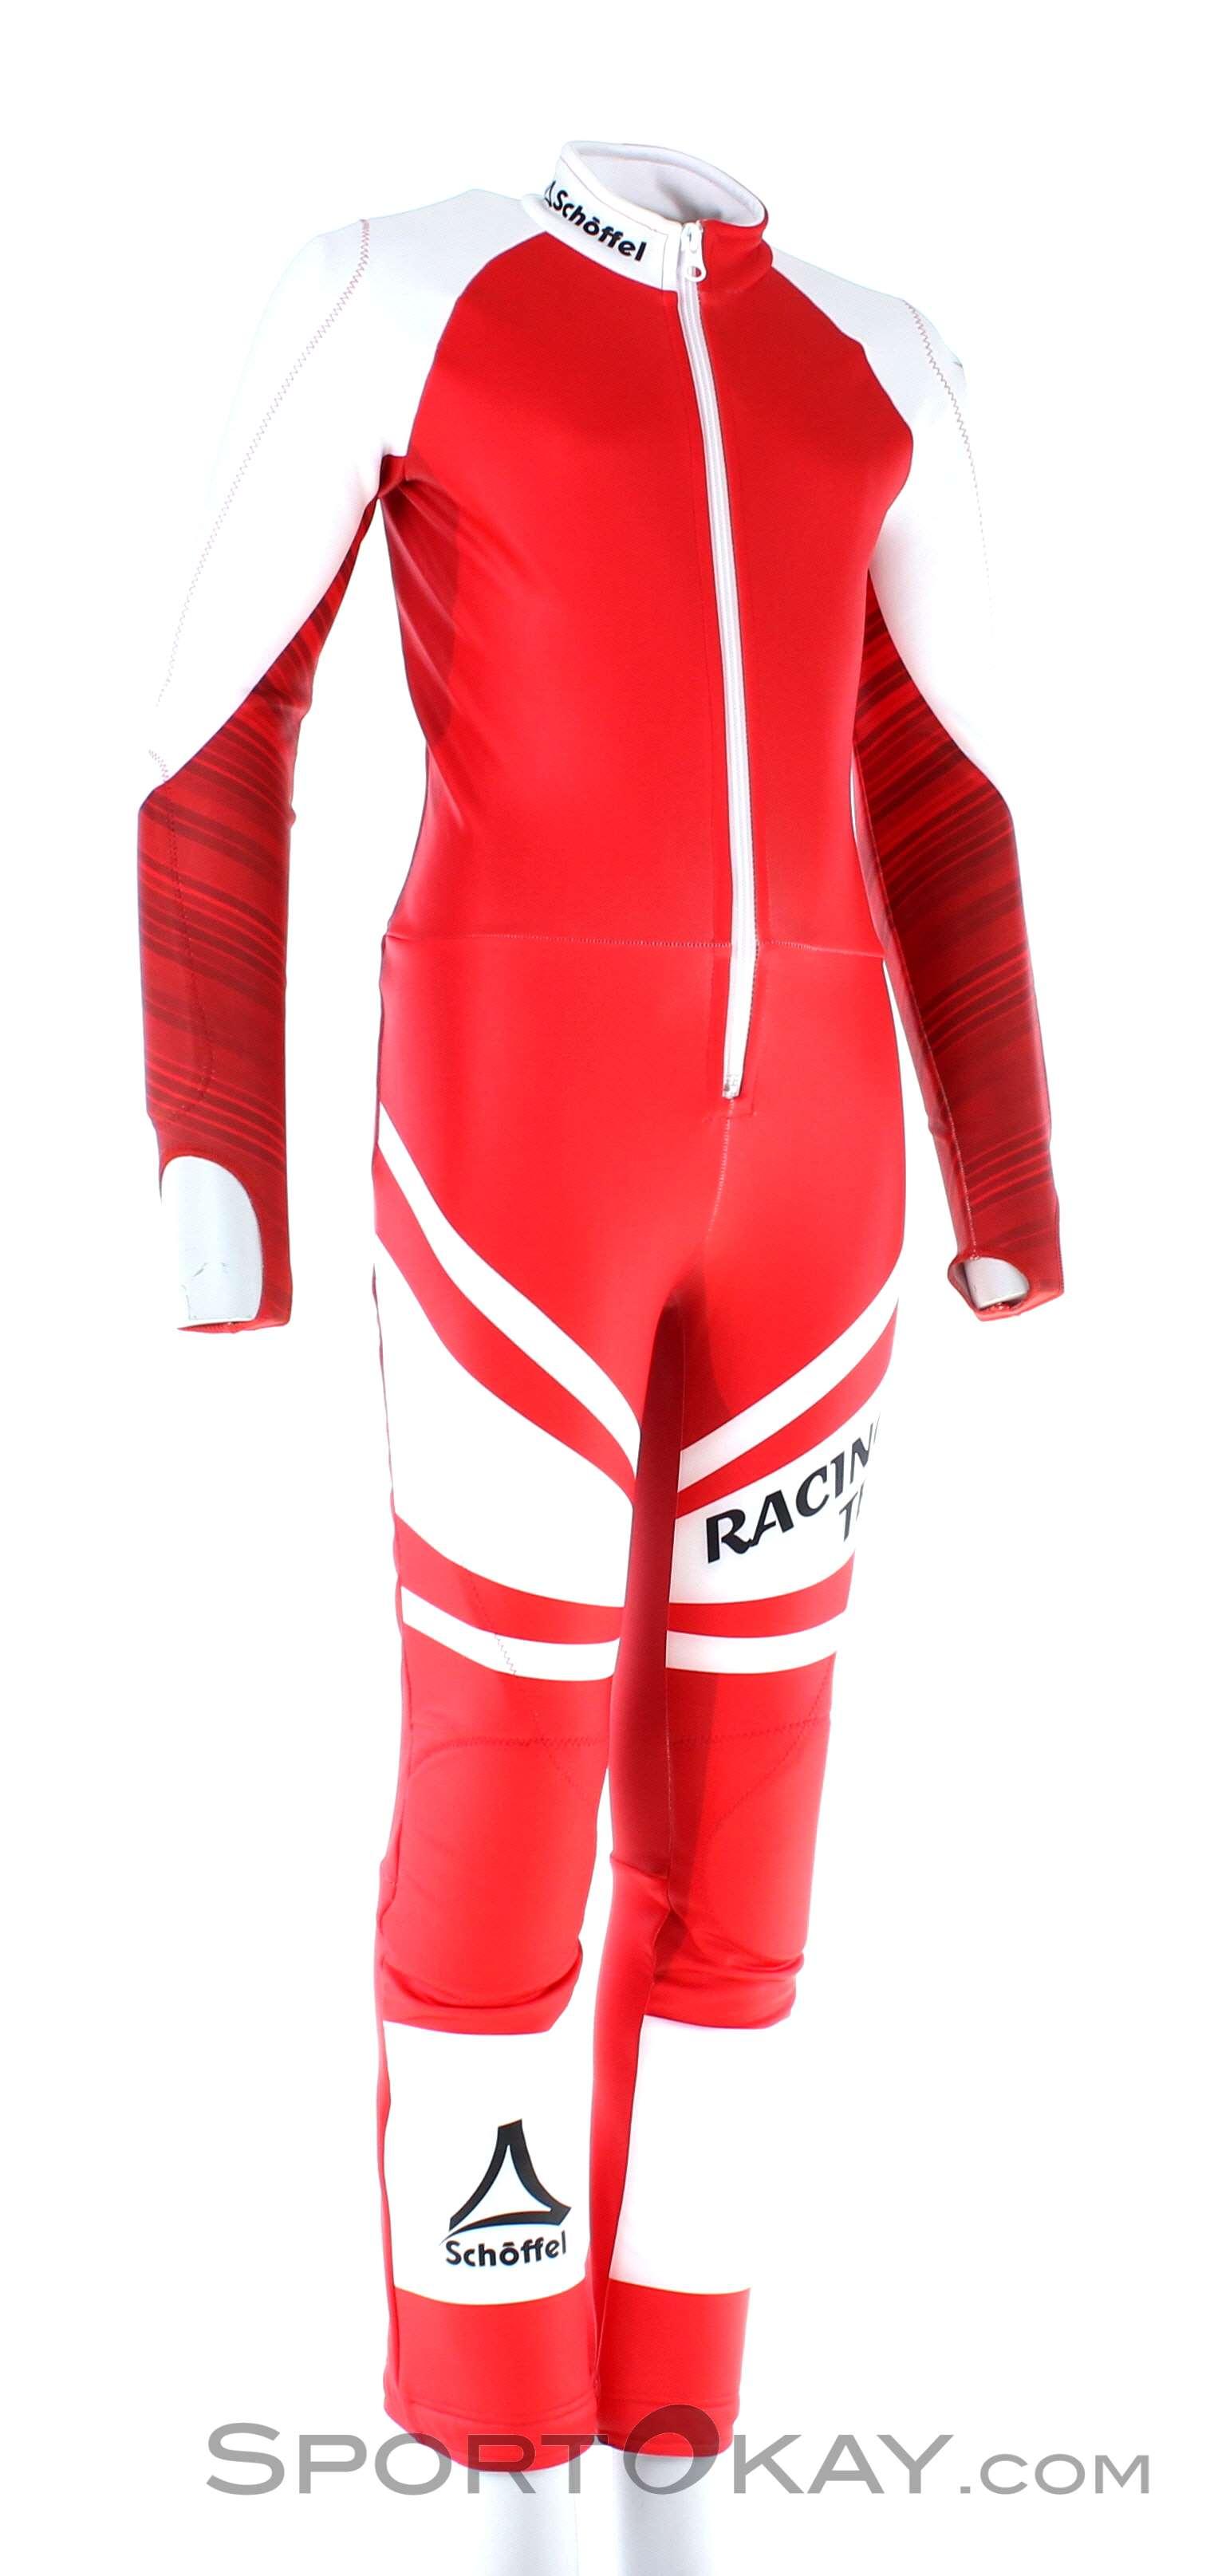 Schöffel Race Suit 2 RT Kinder ÖSV Rennanzug rot